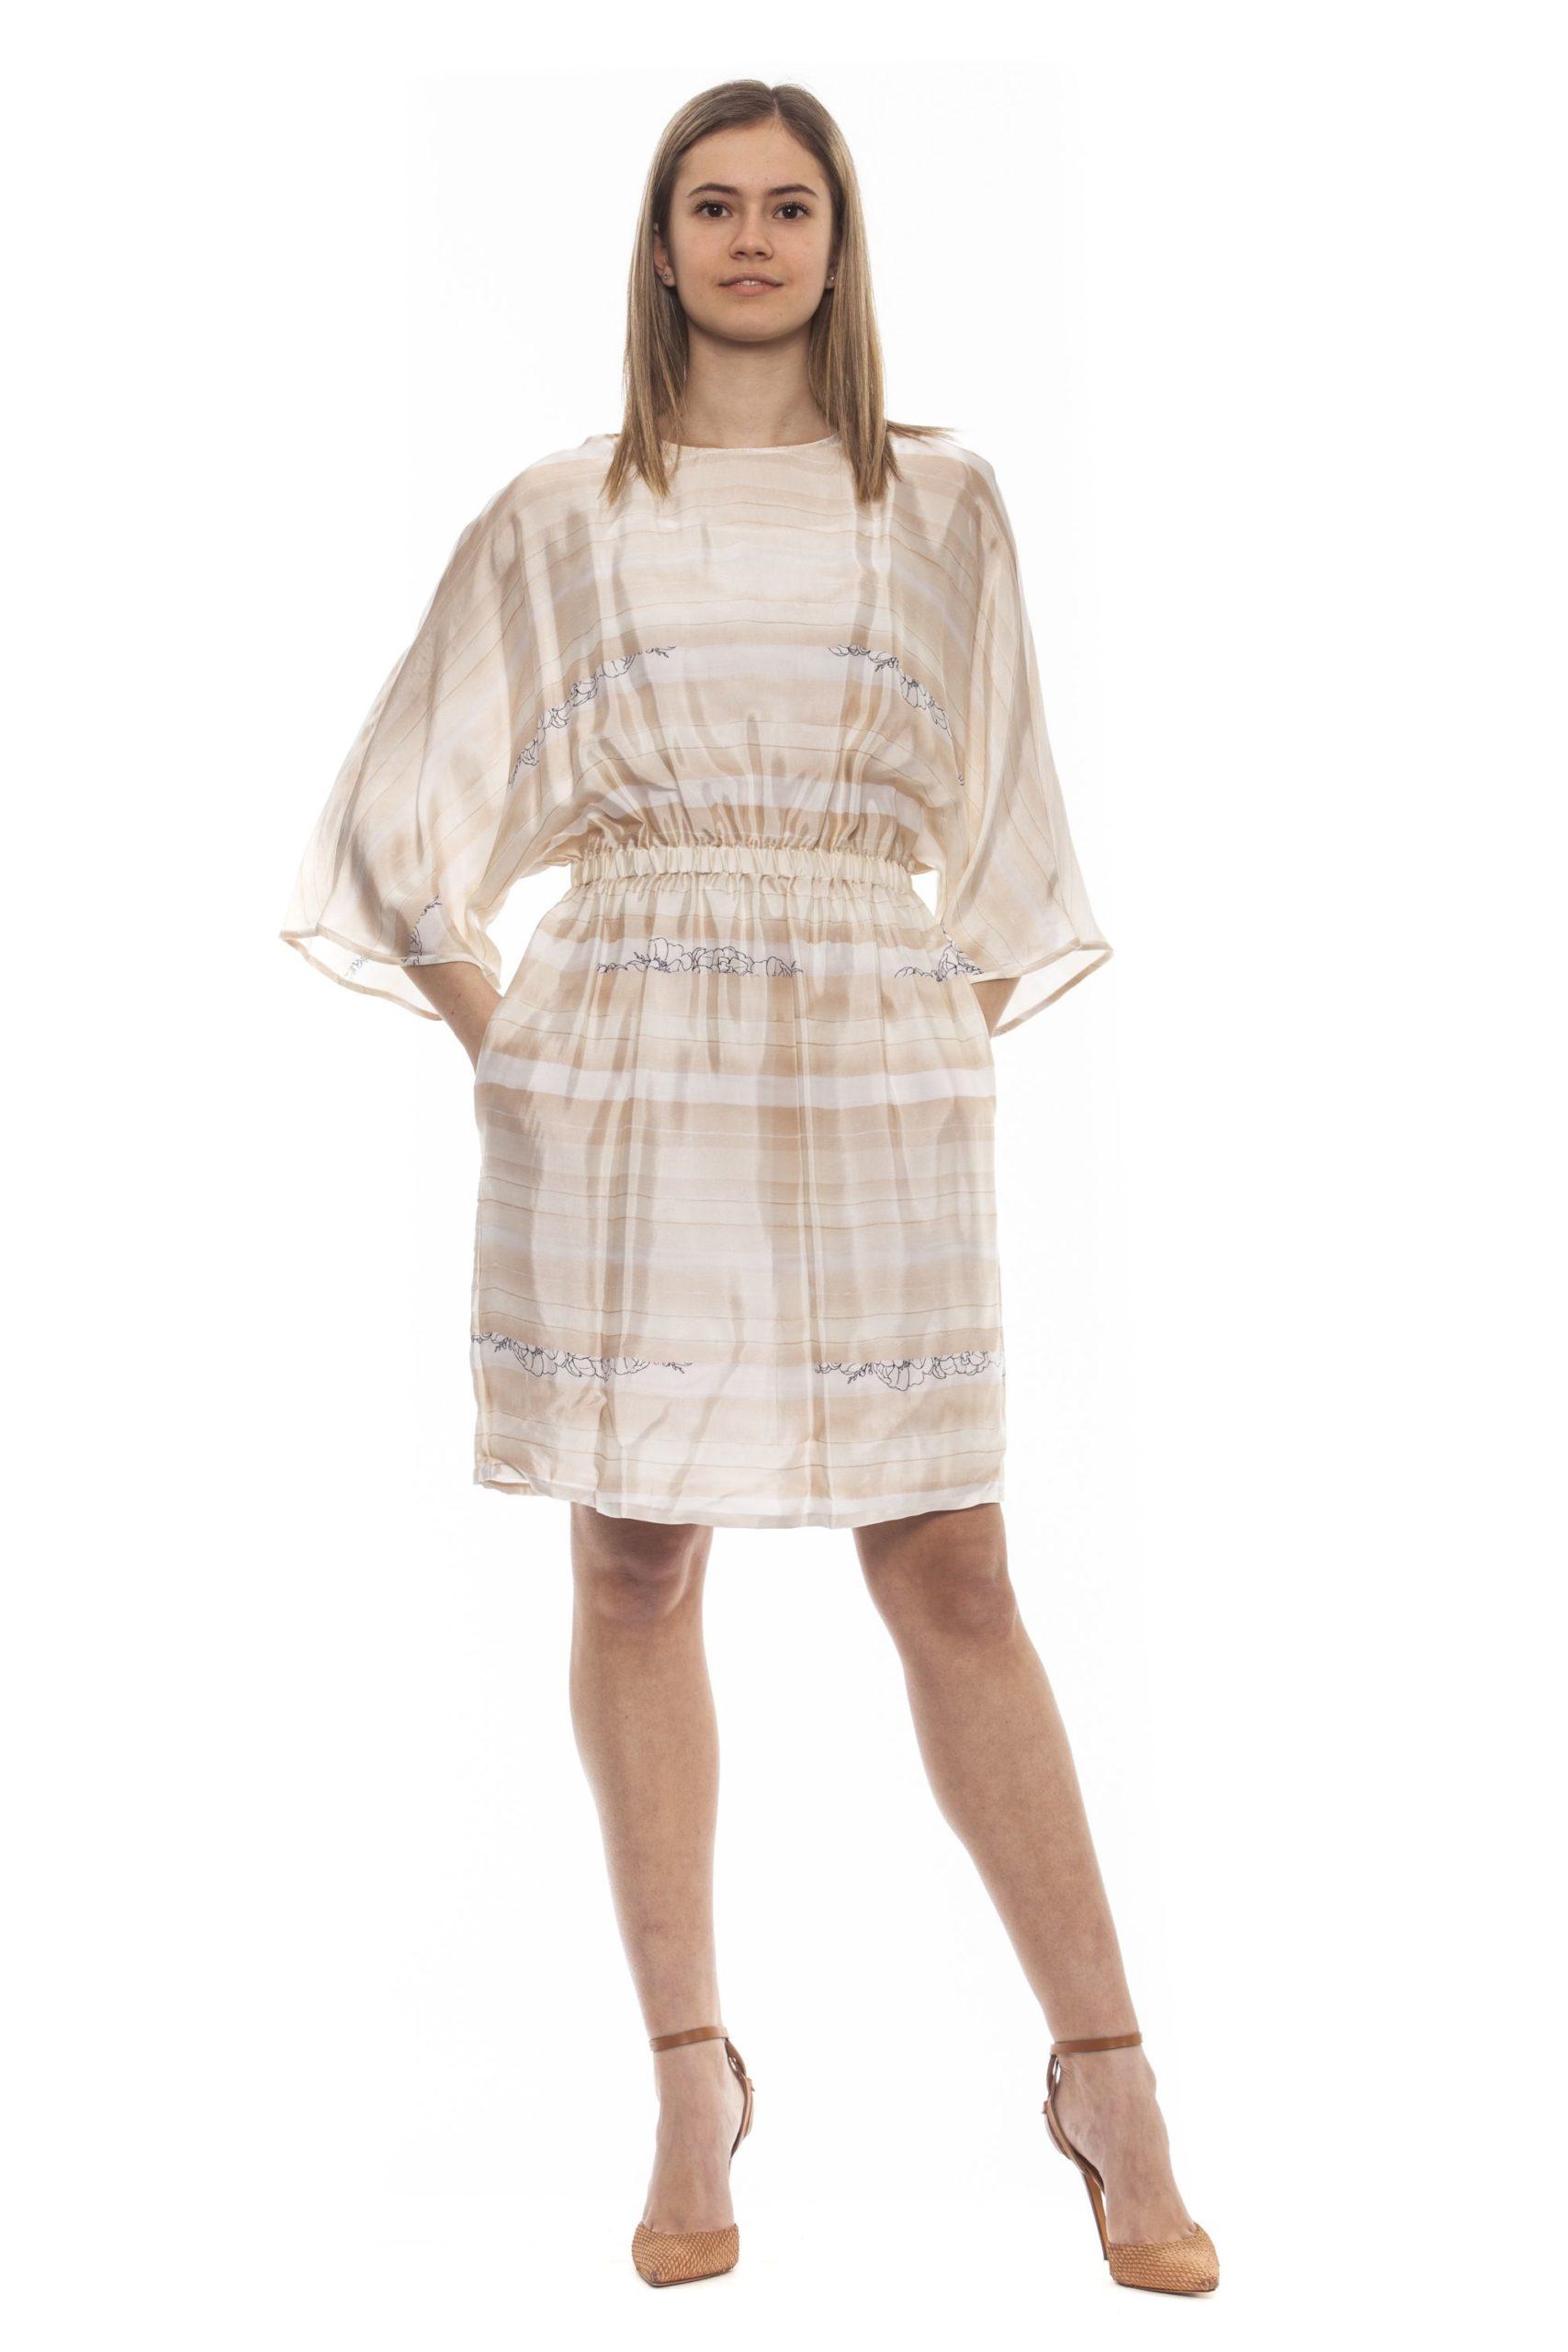 Peserico Women's Bianco Dress Beige PE1383232 - IT42 | S